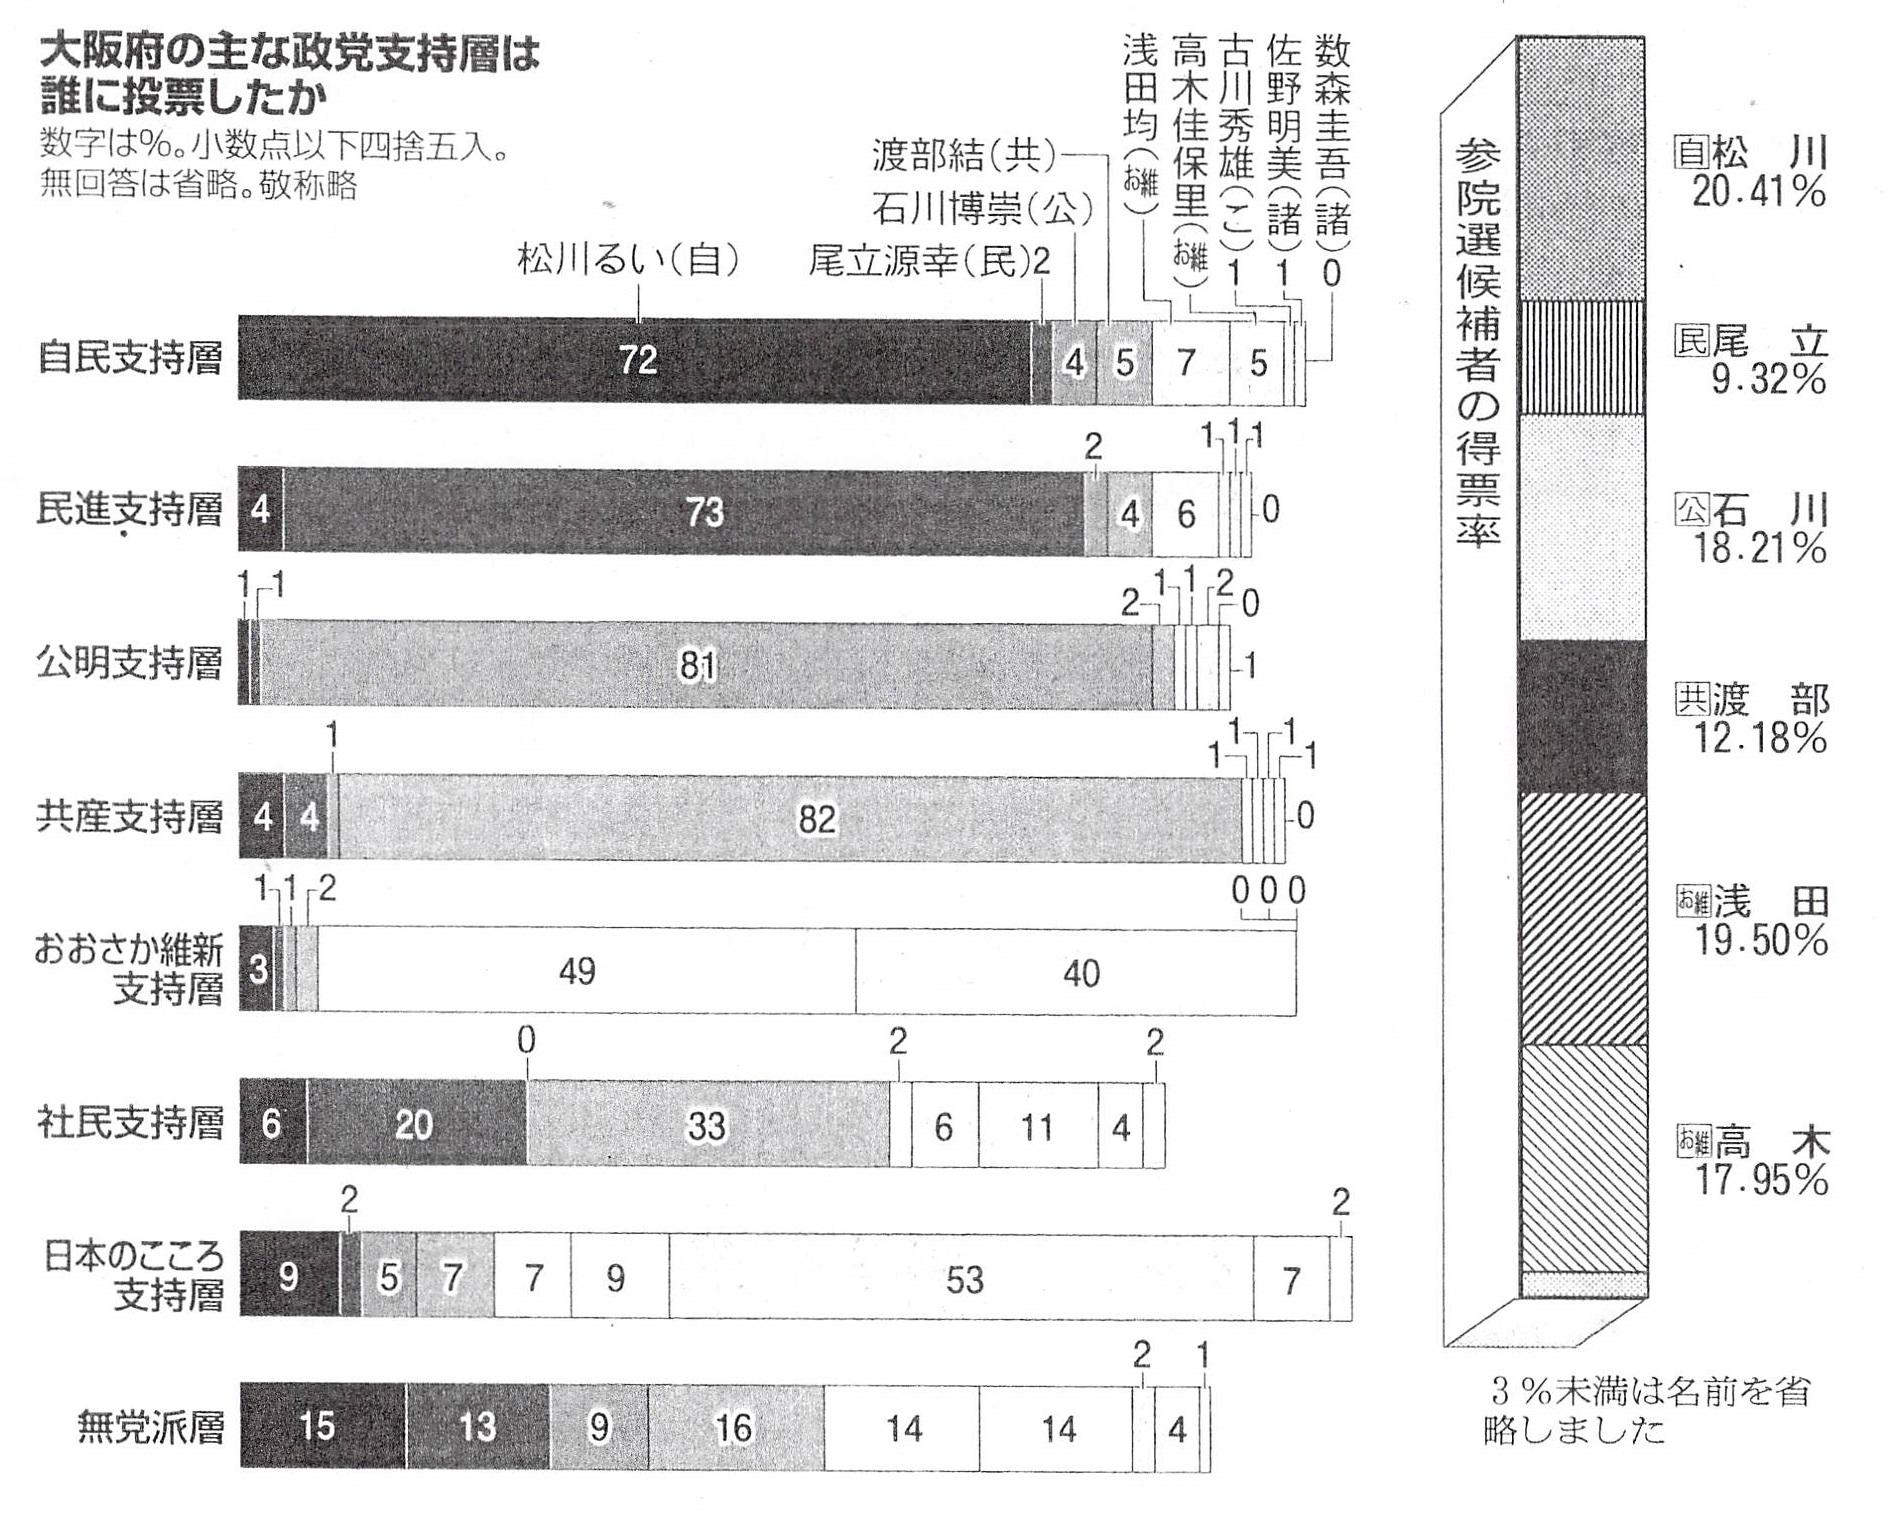 自公民路線 - JapaneseClass.jp